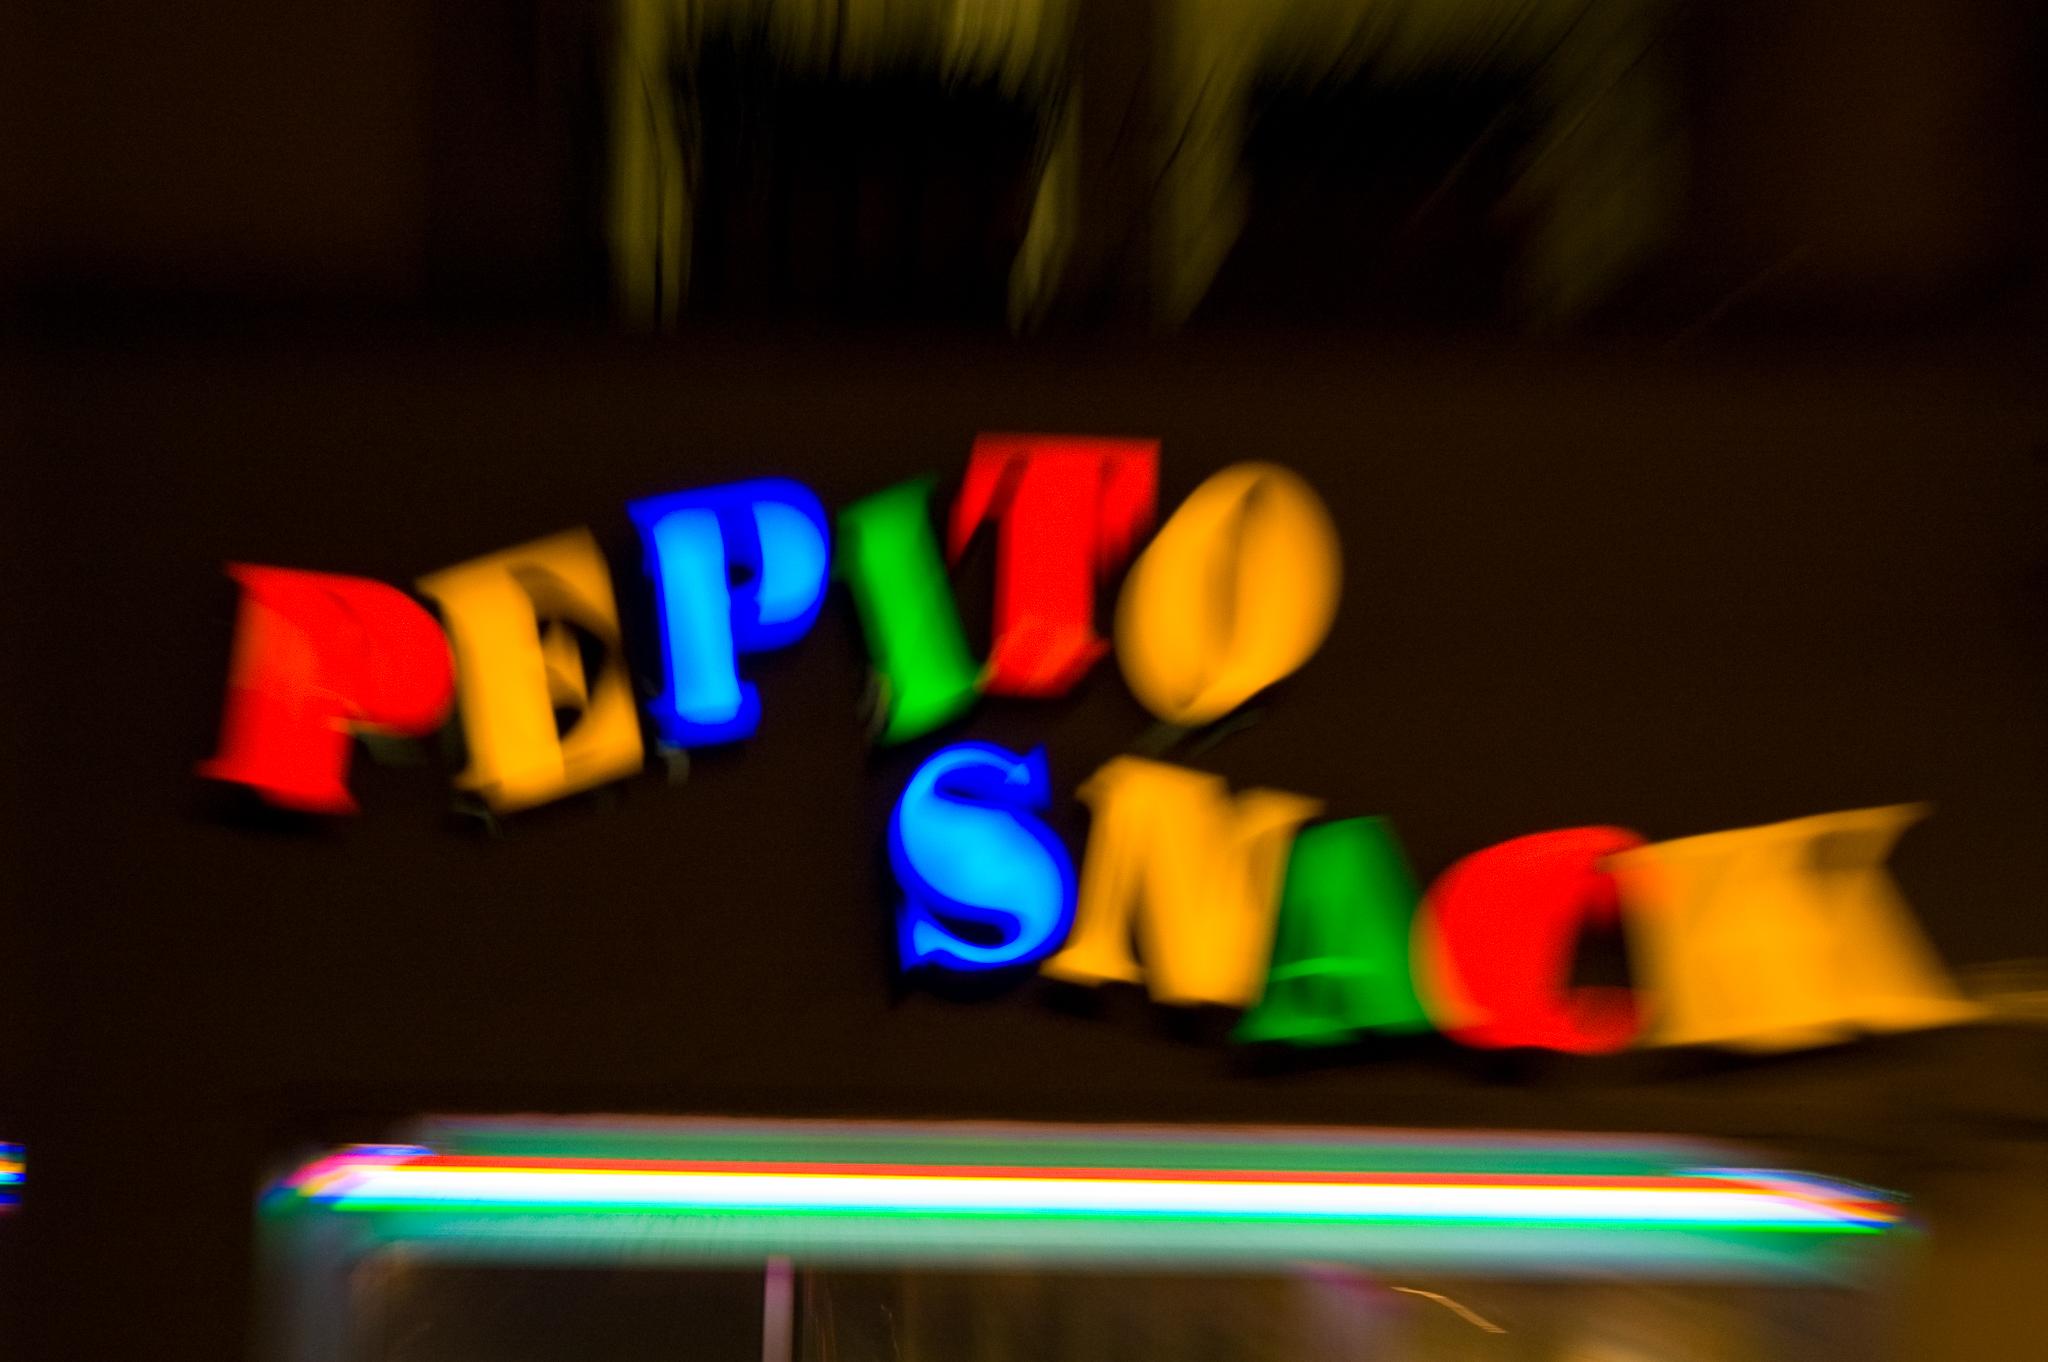 Pepito Snack